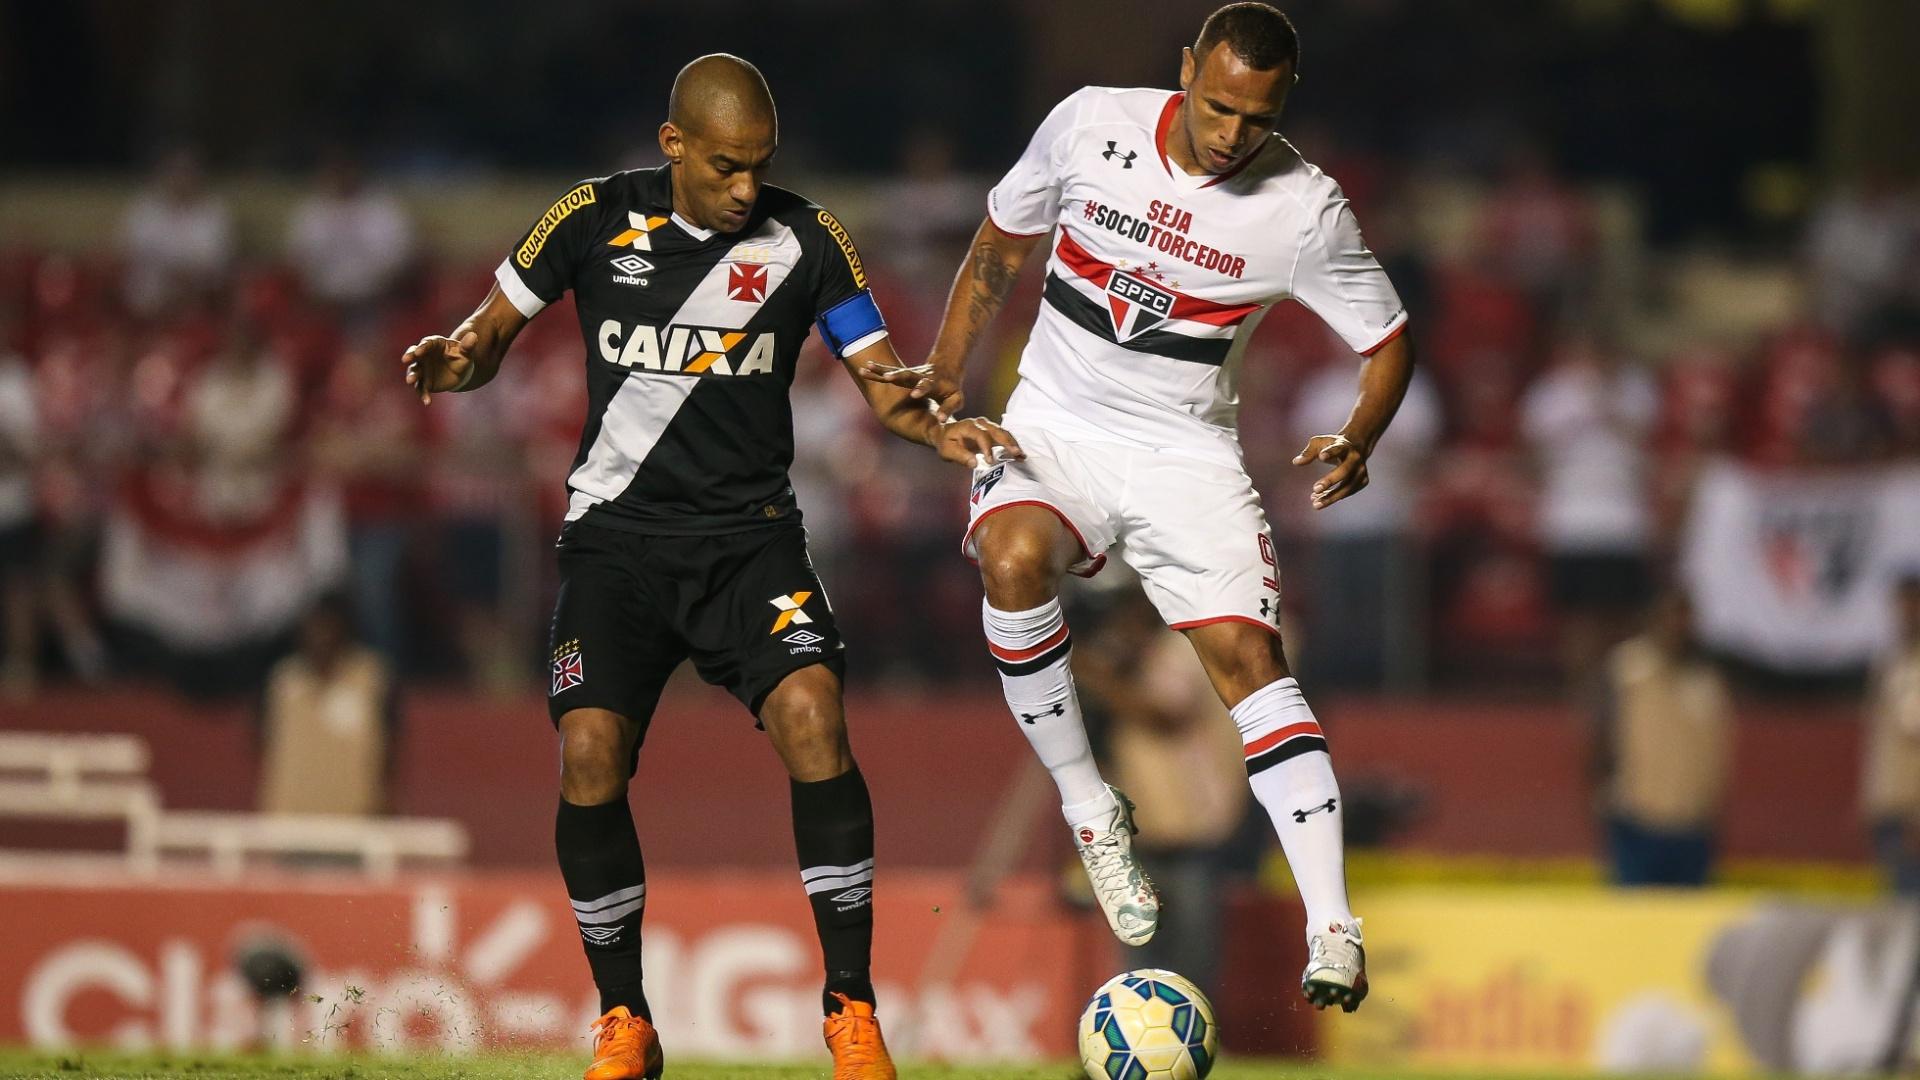 Luis Fabiano e Rodrigo disputam a bola durante o confronto entre São Paulo e Vasco pela Copa do Brasil